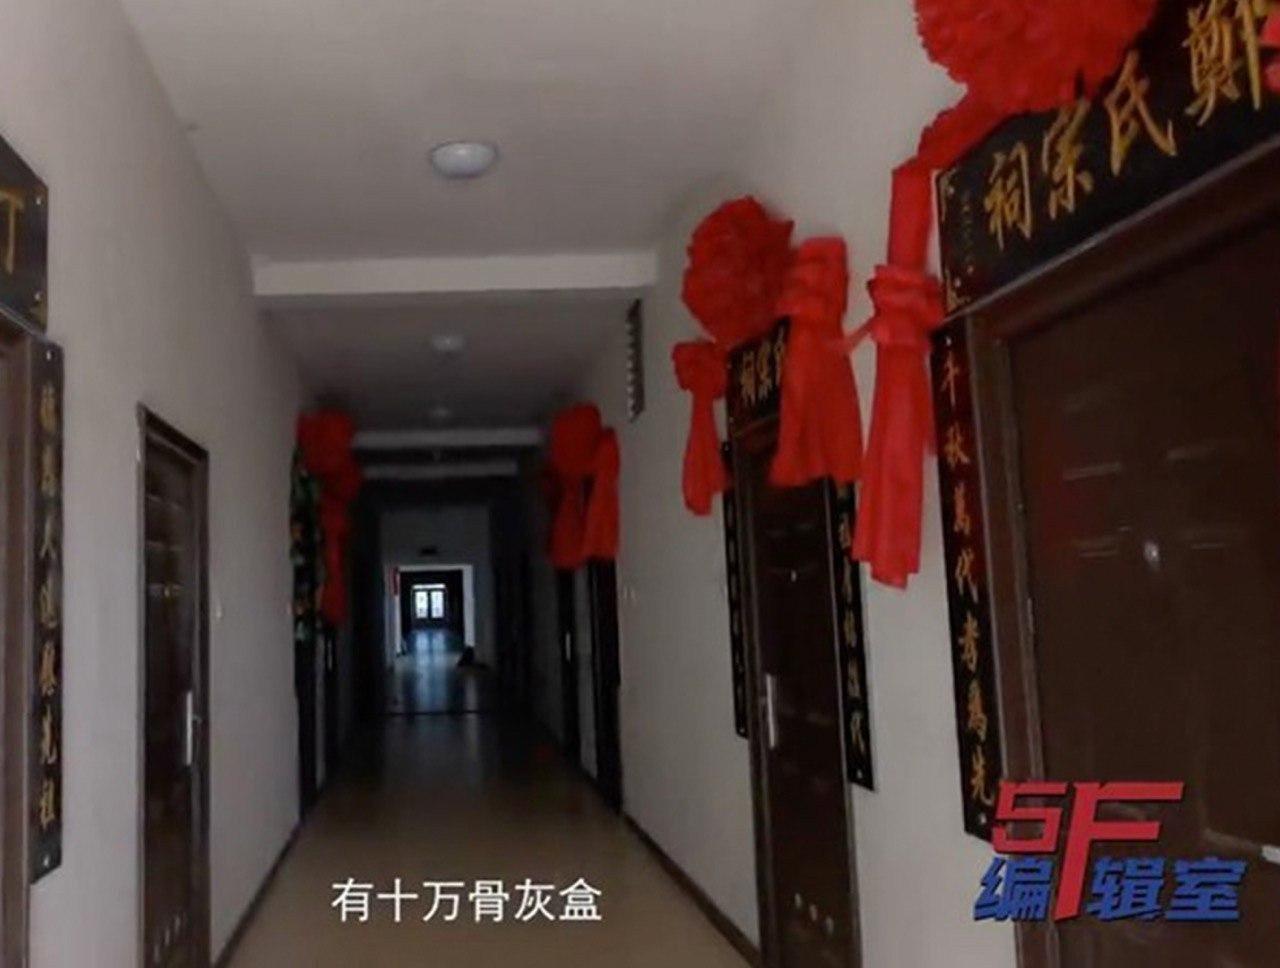 У Китаї шість років працювало кладовище, замасковане під п'ятиповерхівки картинка